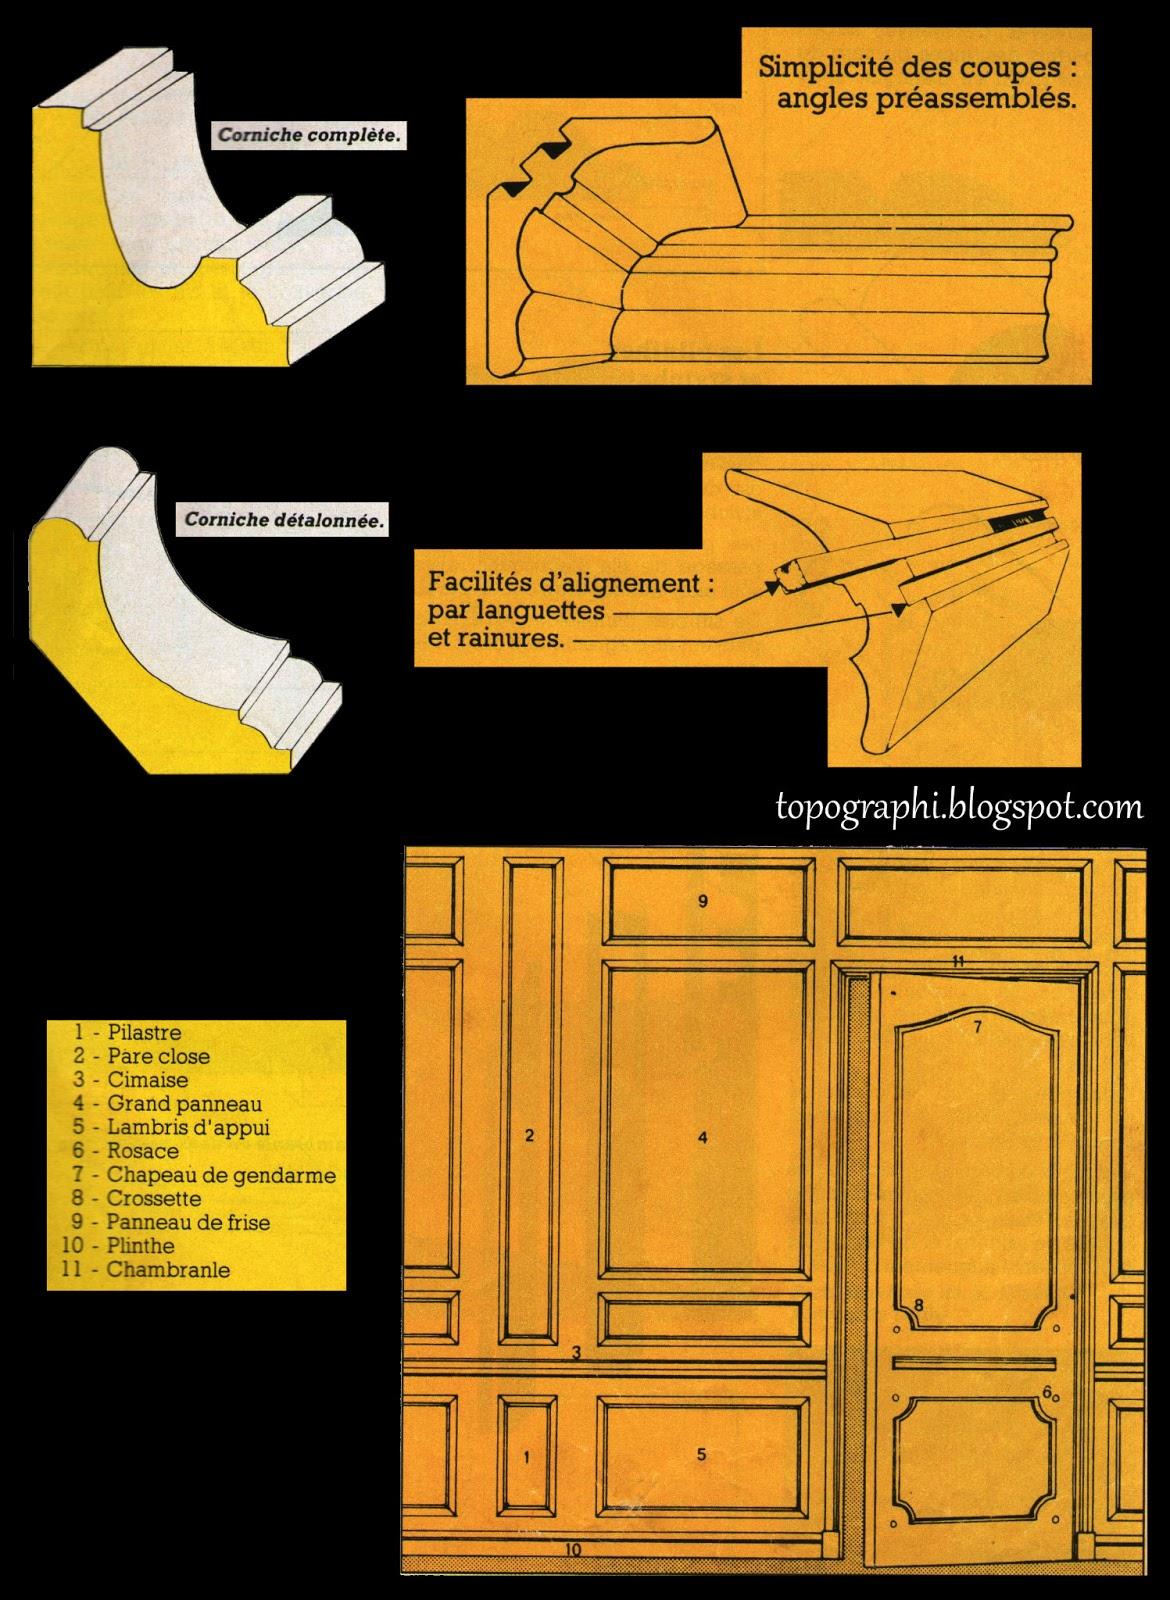 Topographie finitions decoratives baguettes et corniches for Baguettes bois decoratives